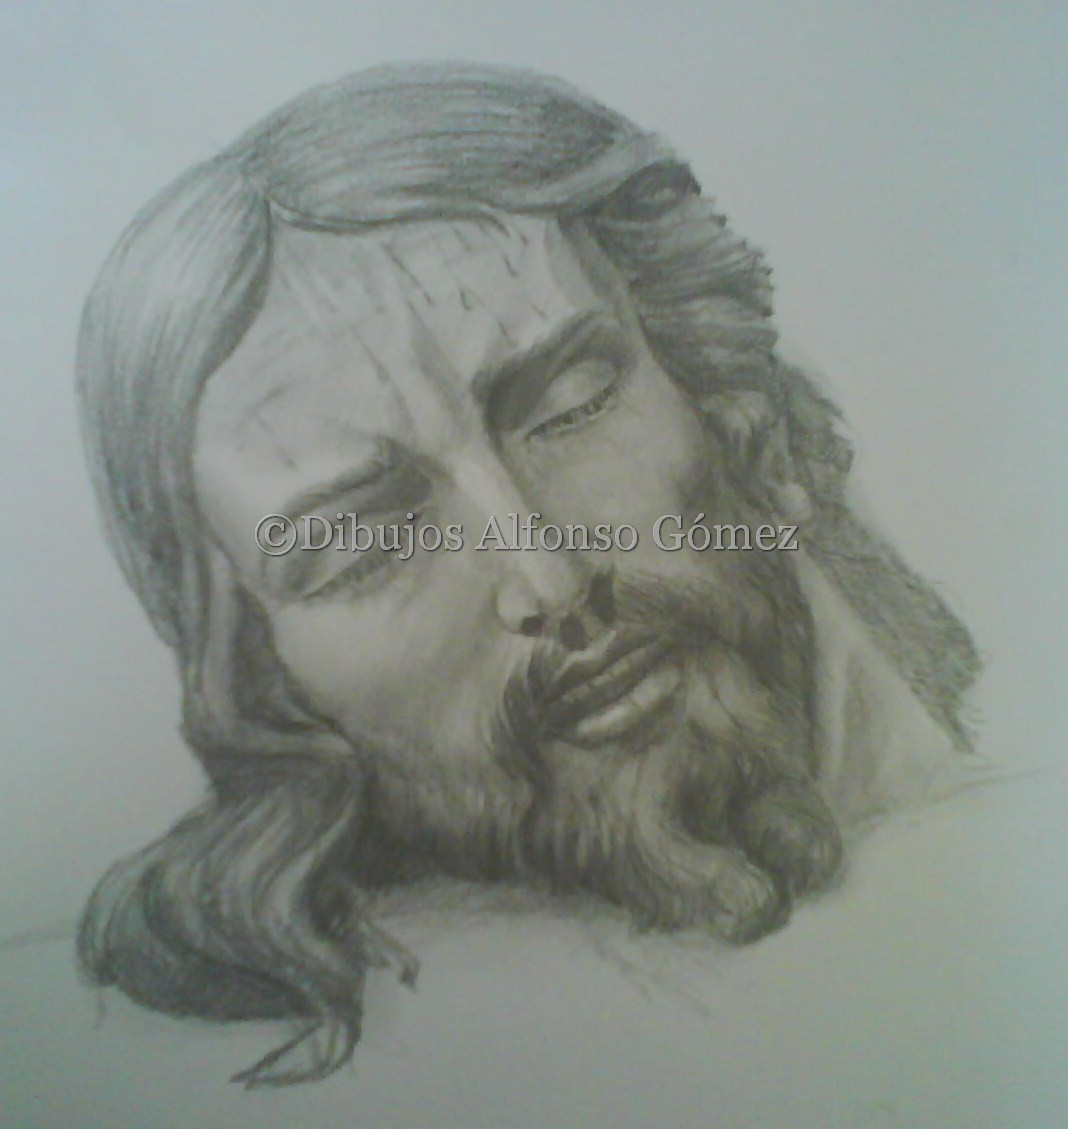 Dibujos Alfonso Gómez: Buena Muerte. Lápiz. No disponible